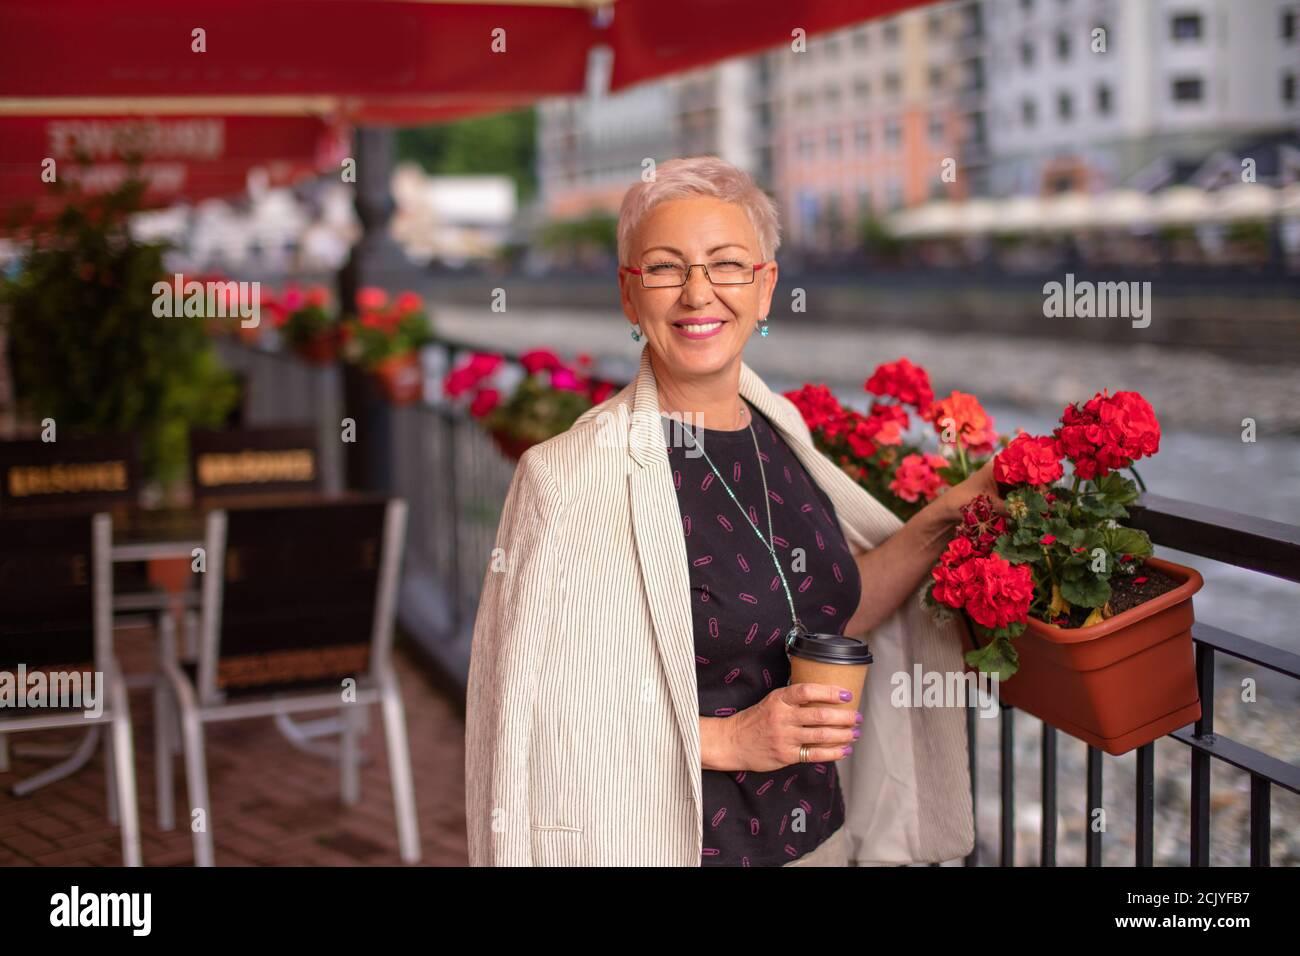 Glückliche Frau mit wunderbaren Blumen auf dem Topf